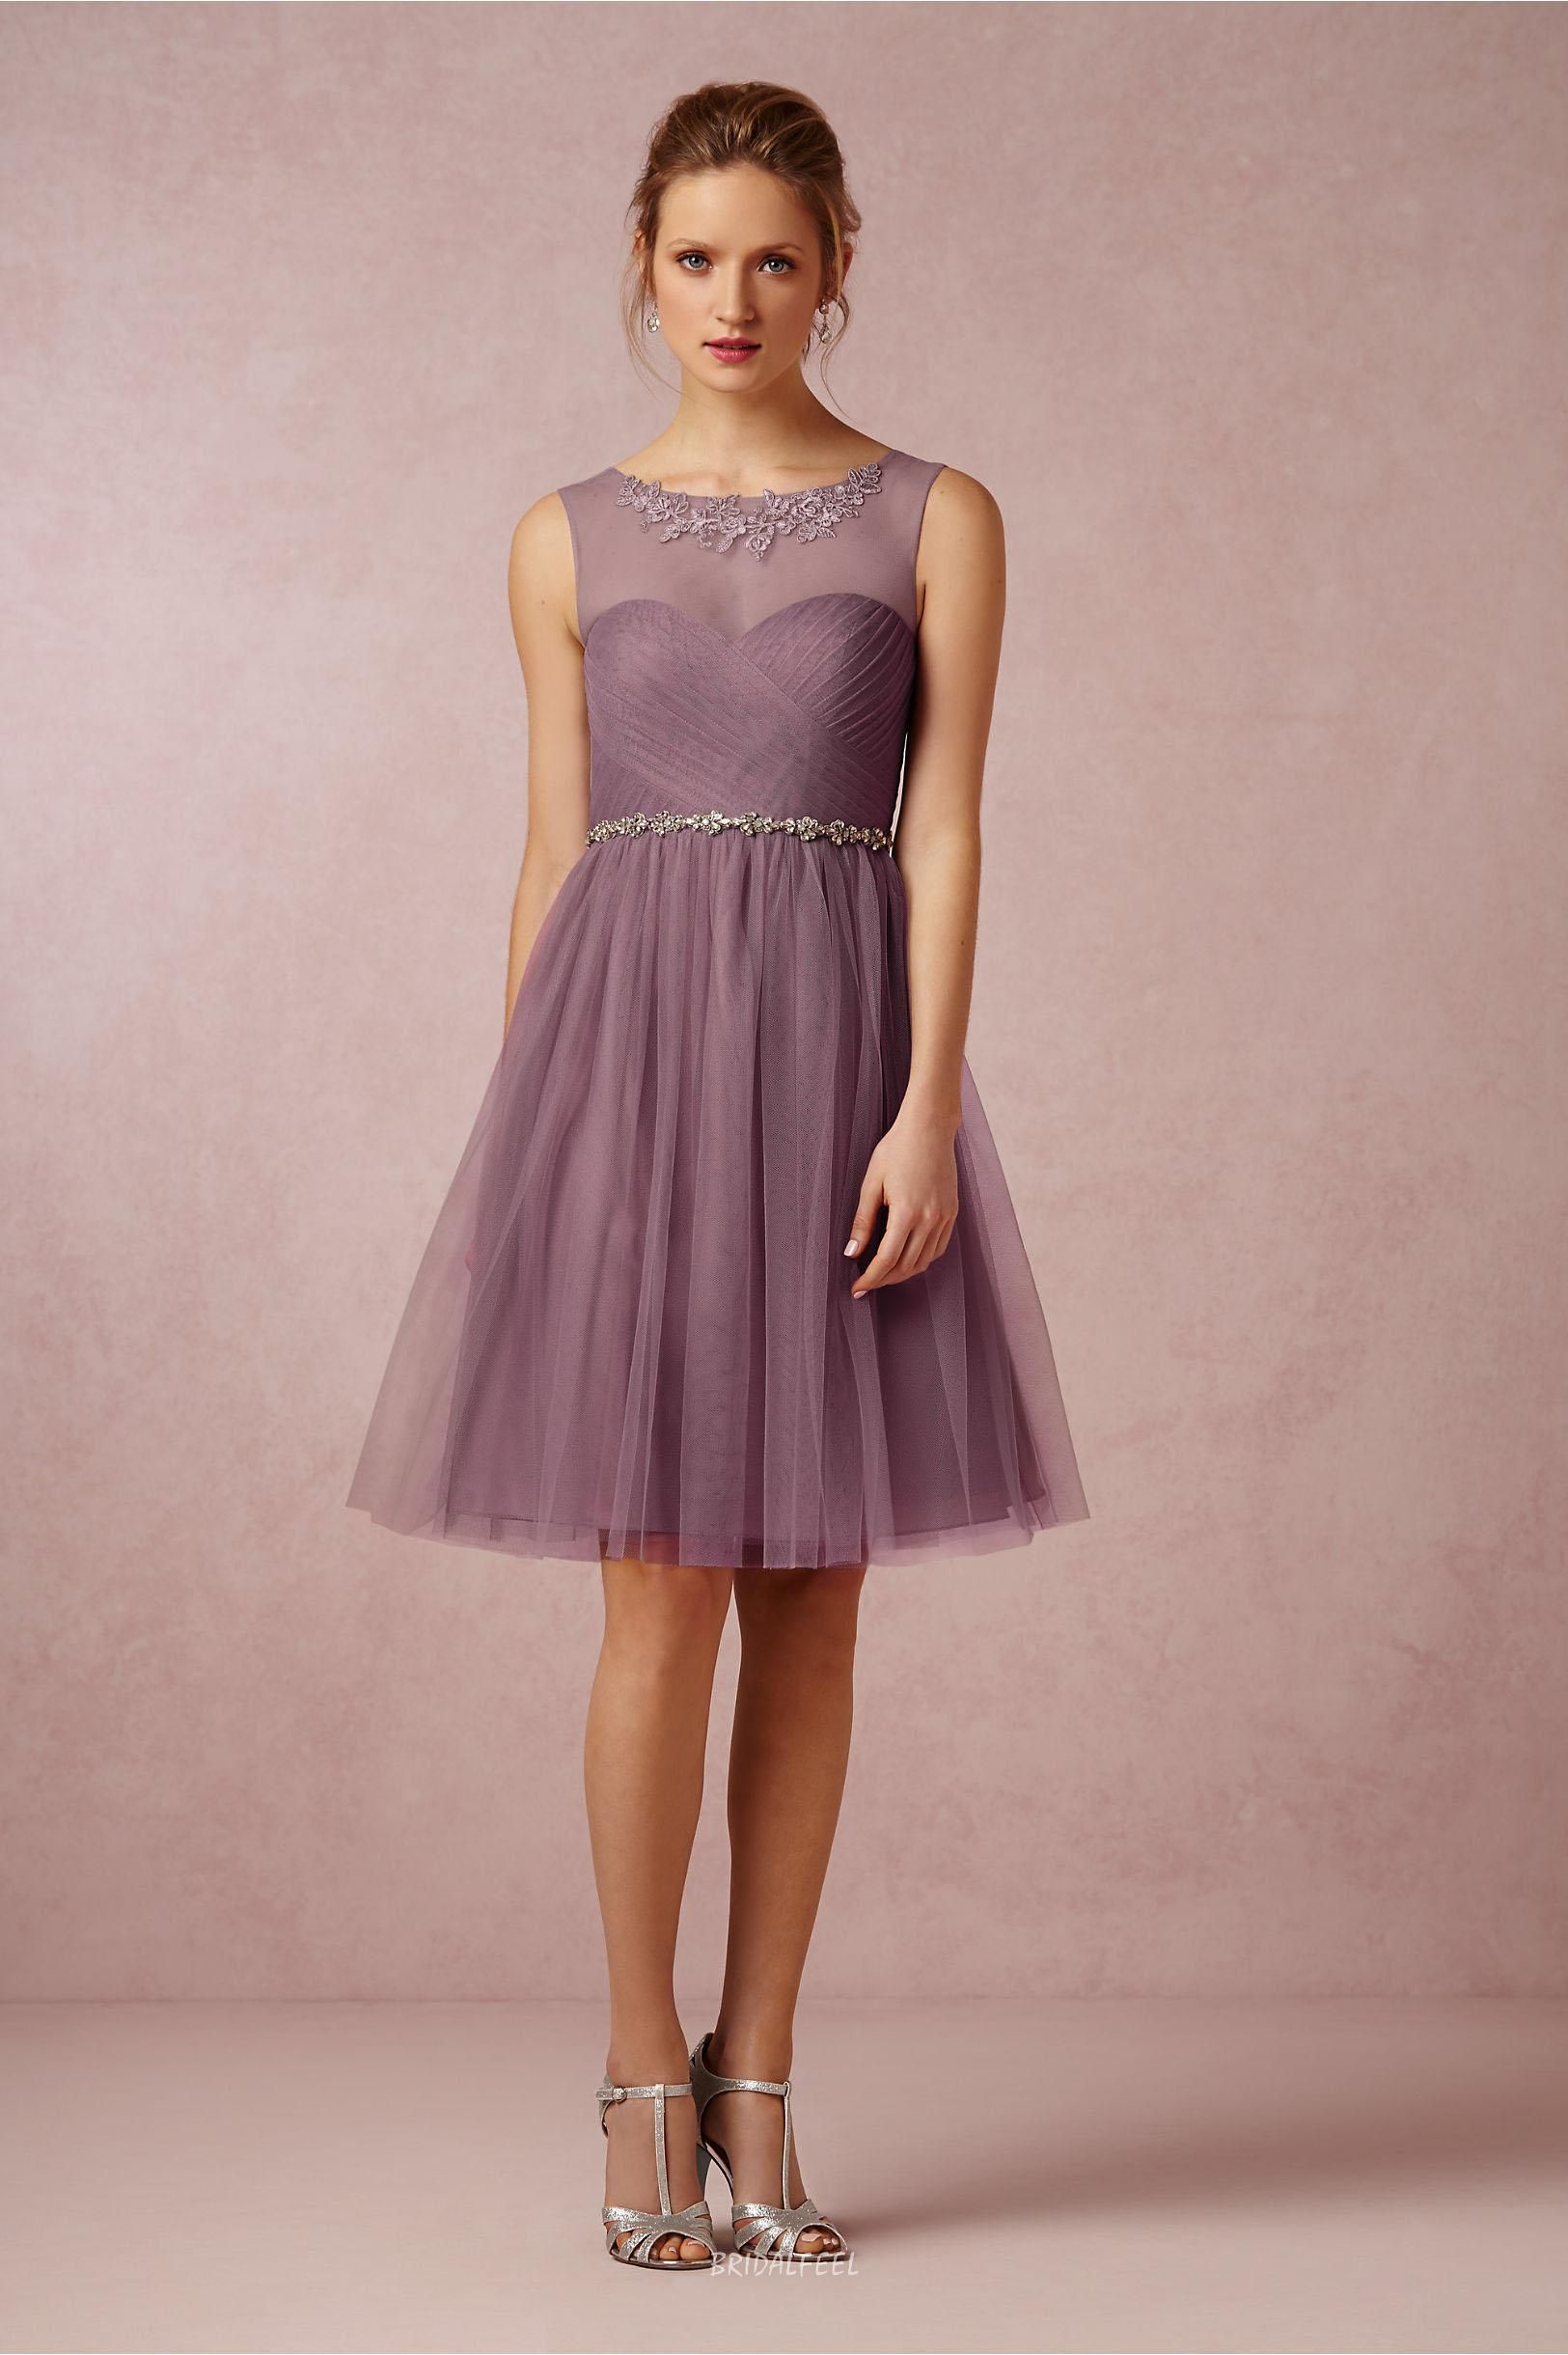 Unique A-line Illusion Neck Short Knee Length Tulle Bridesmaid Dress ...